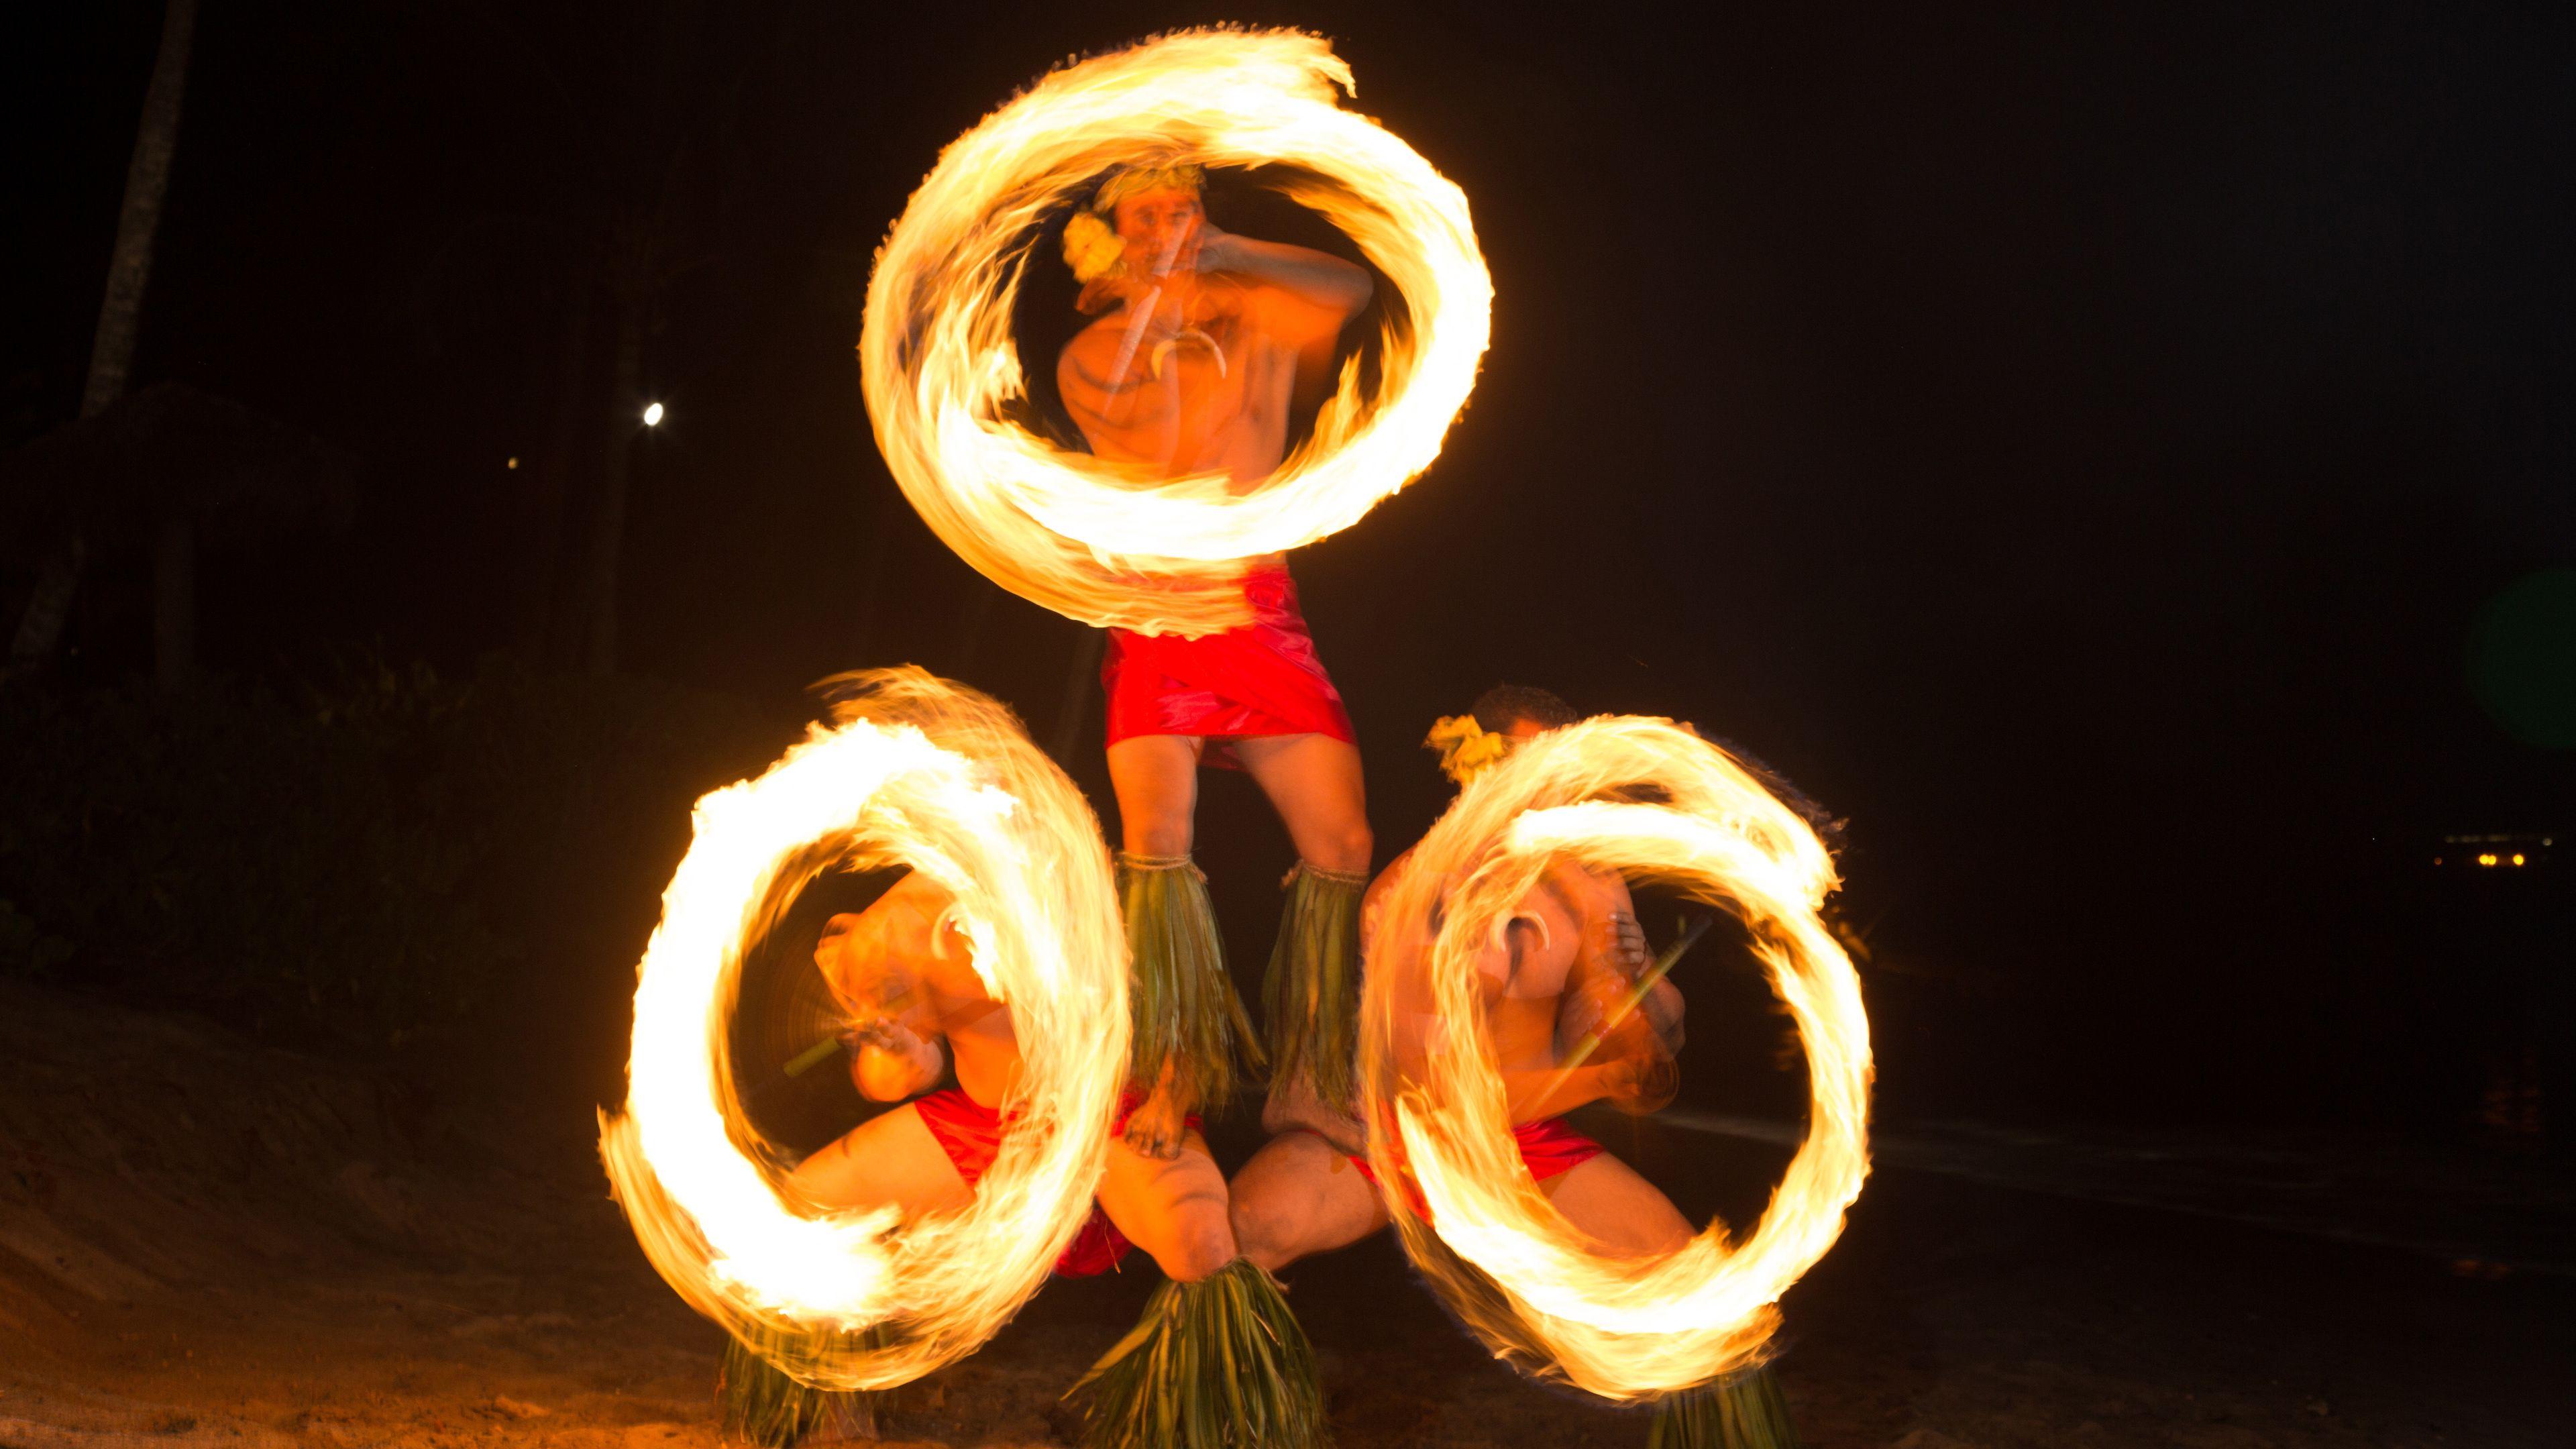 Drums of the Pacific Luau at the Hyatt Regency Resort